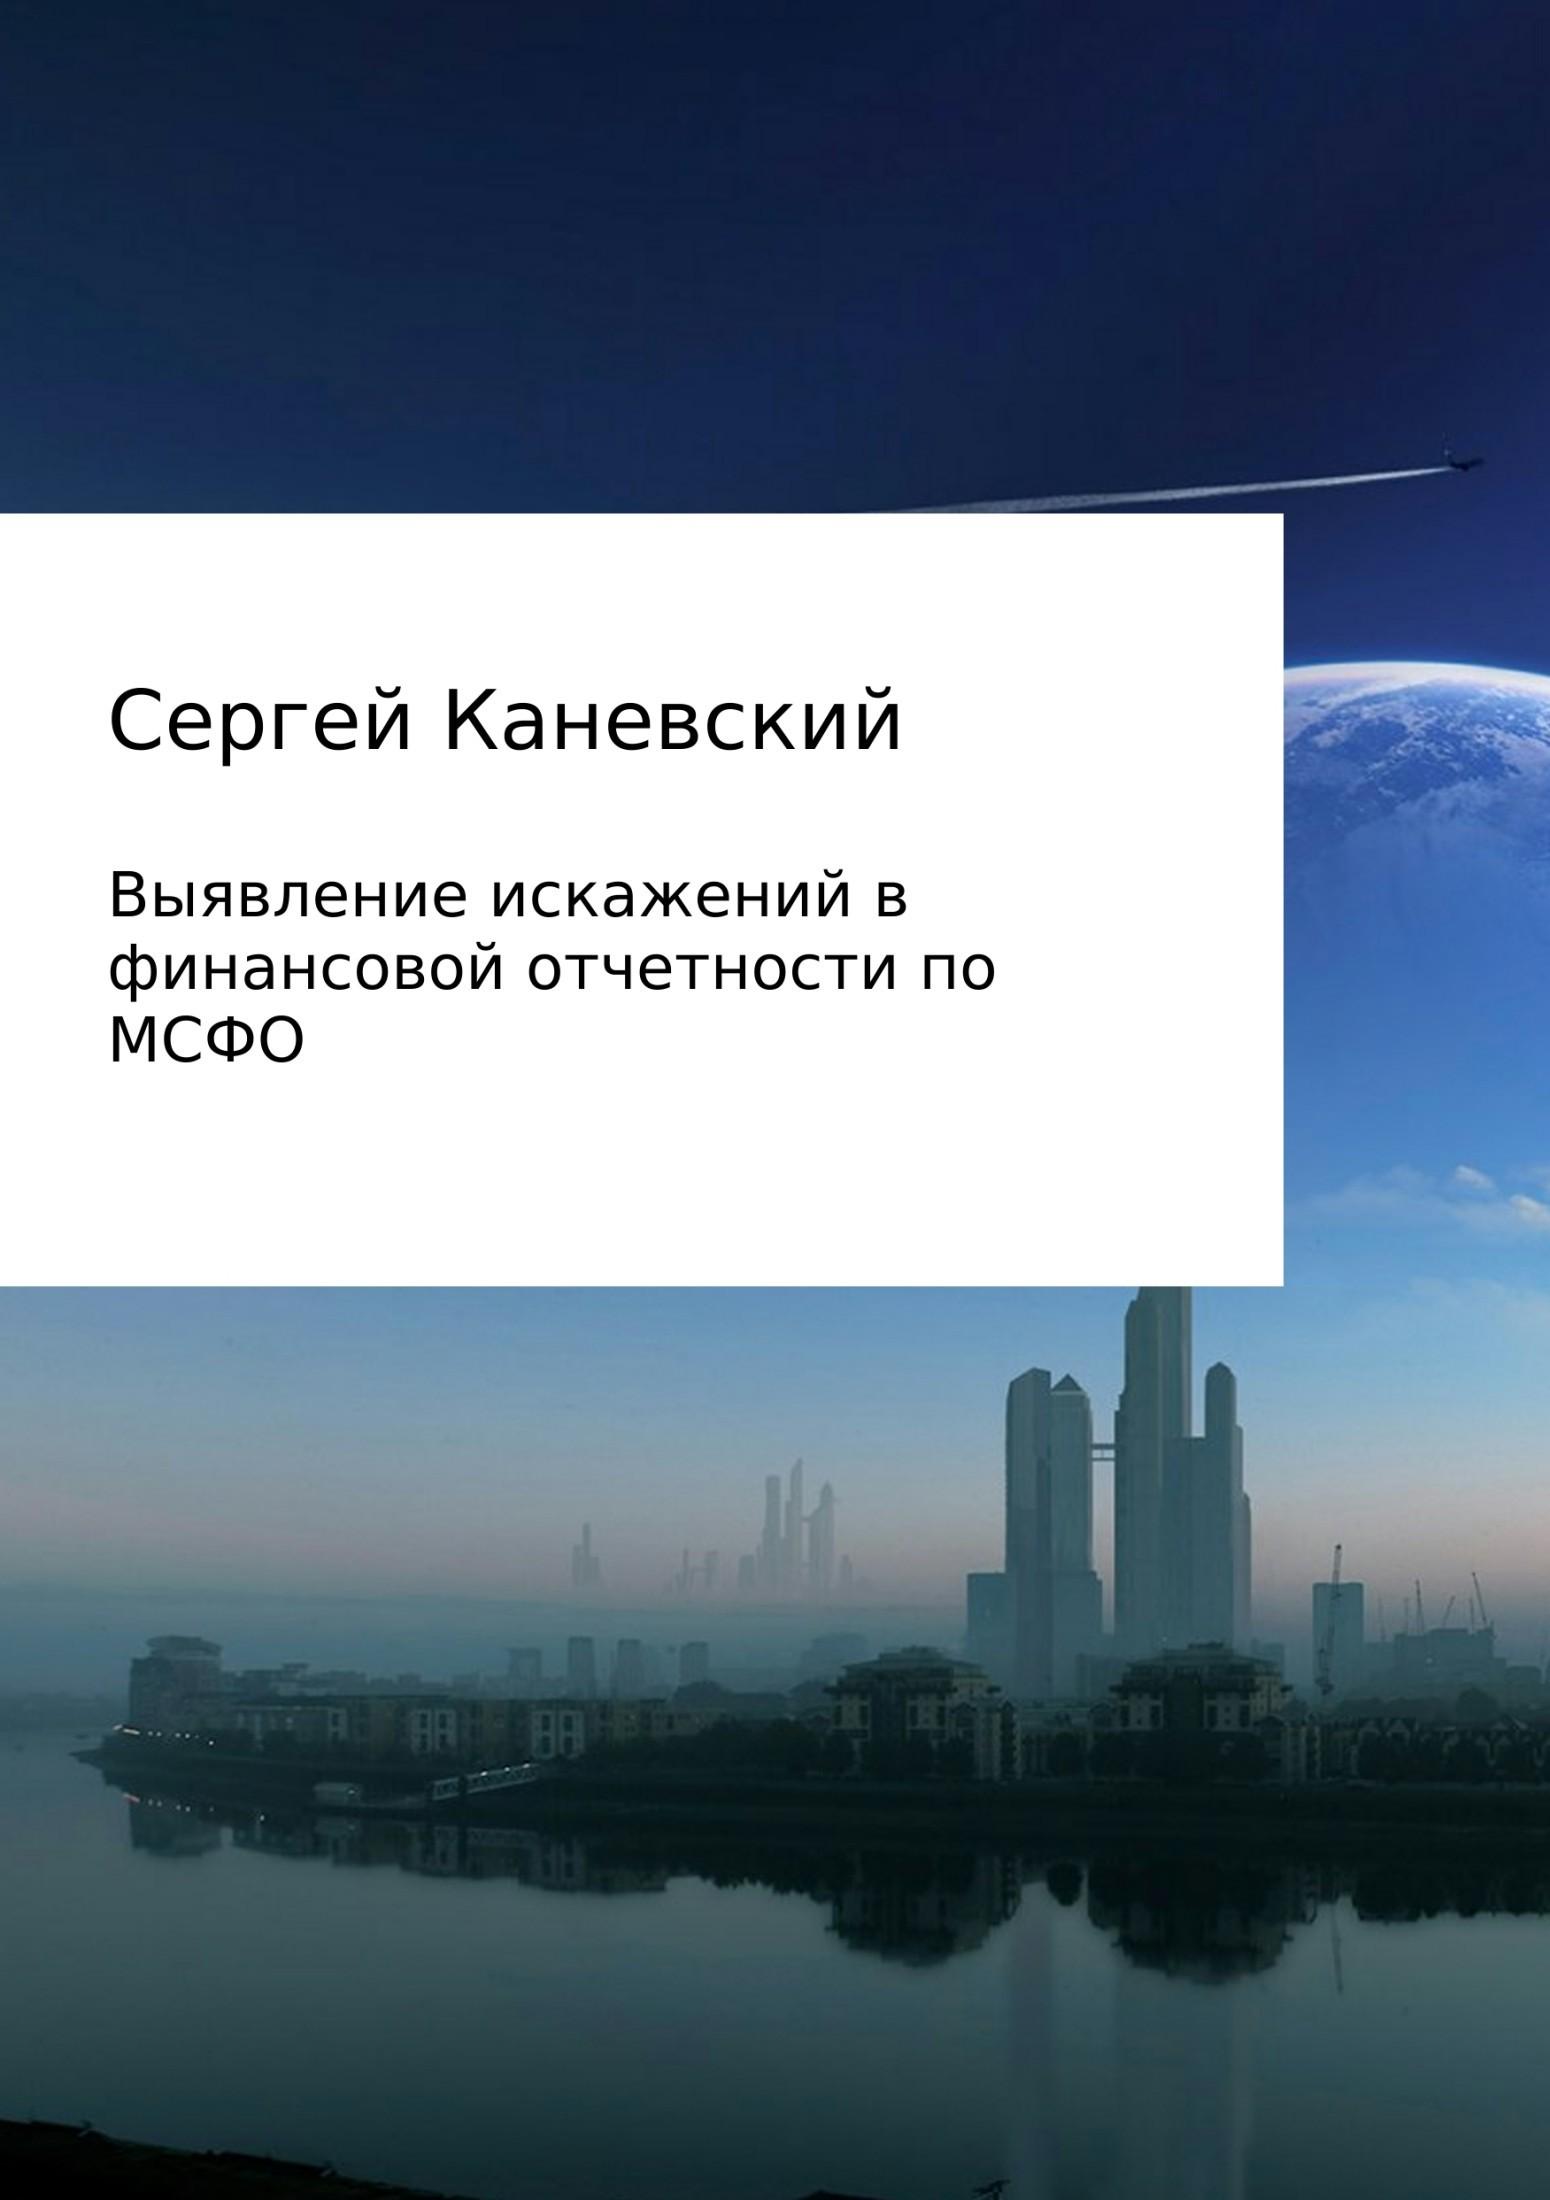 фото обложки издания Выявление искажений в финансовой отчетности по МСФО